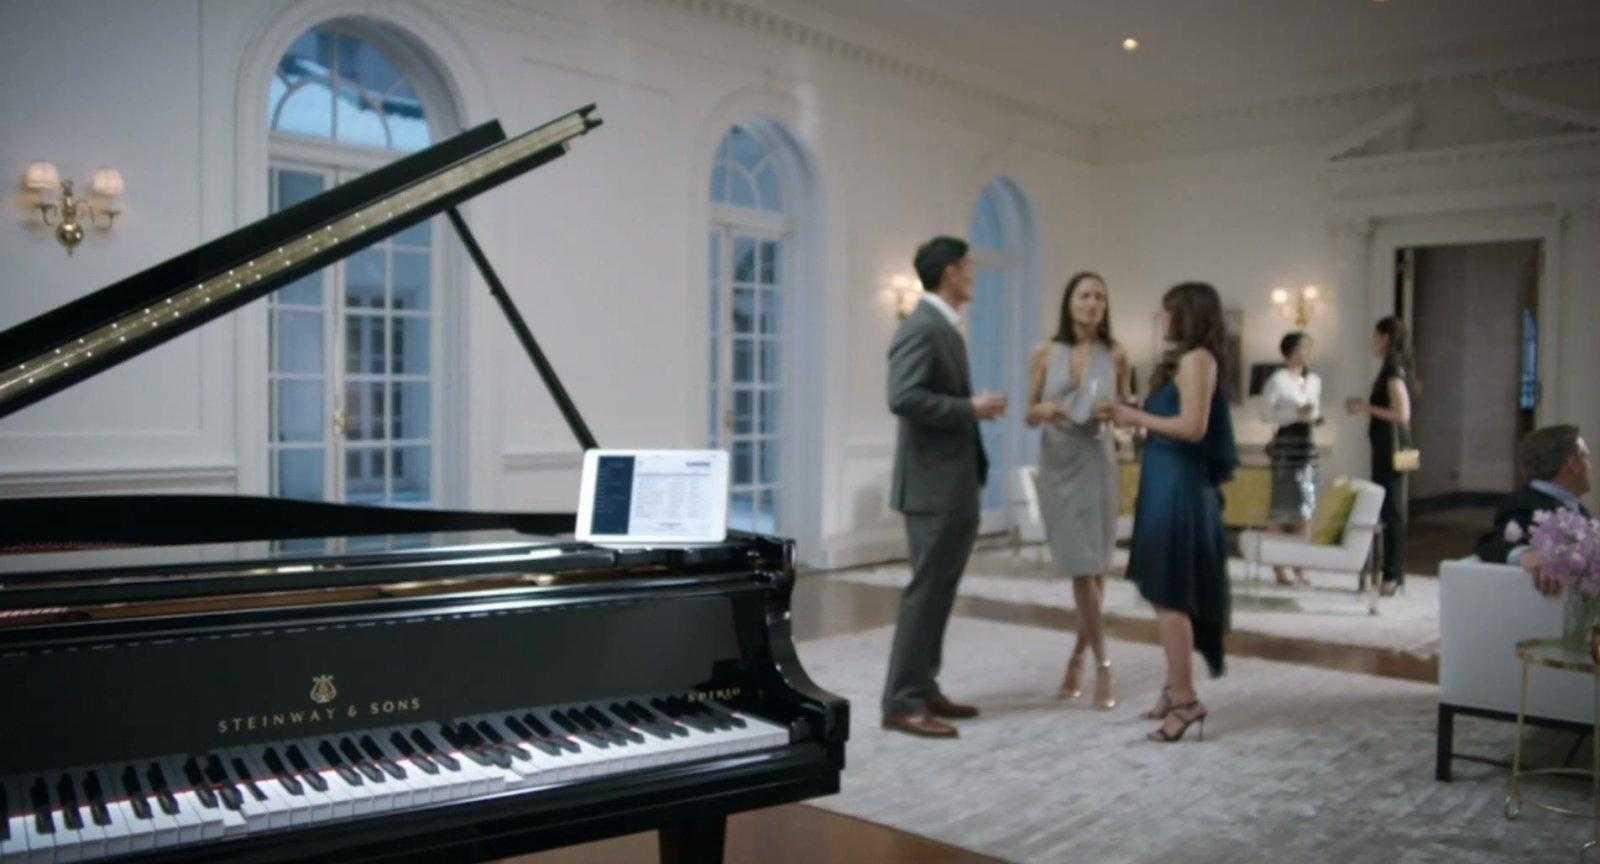 Steinway выпустил высокотехнологичный рояль, который записывает выступление